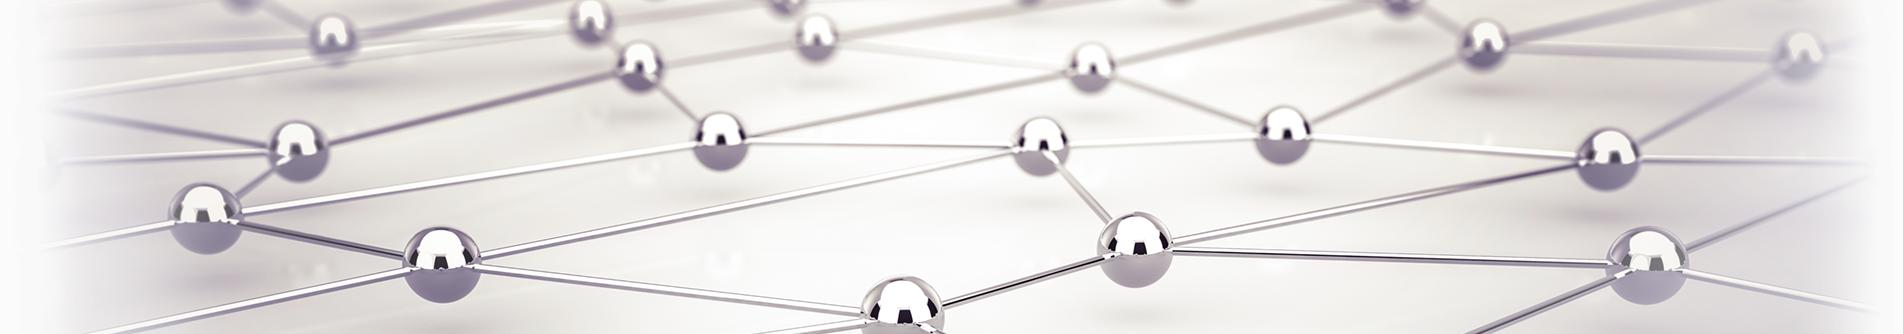 Provaria Kontakt Softwarelösungen MS Dynamics SharePoint Azure Office 365